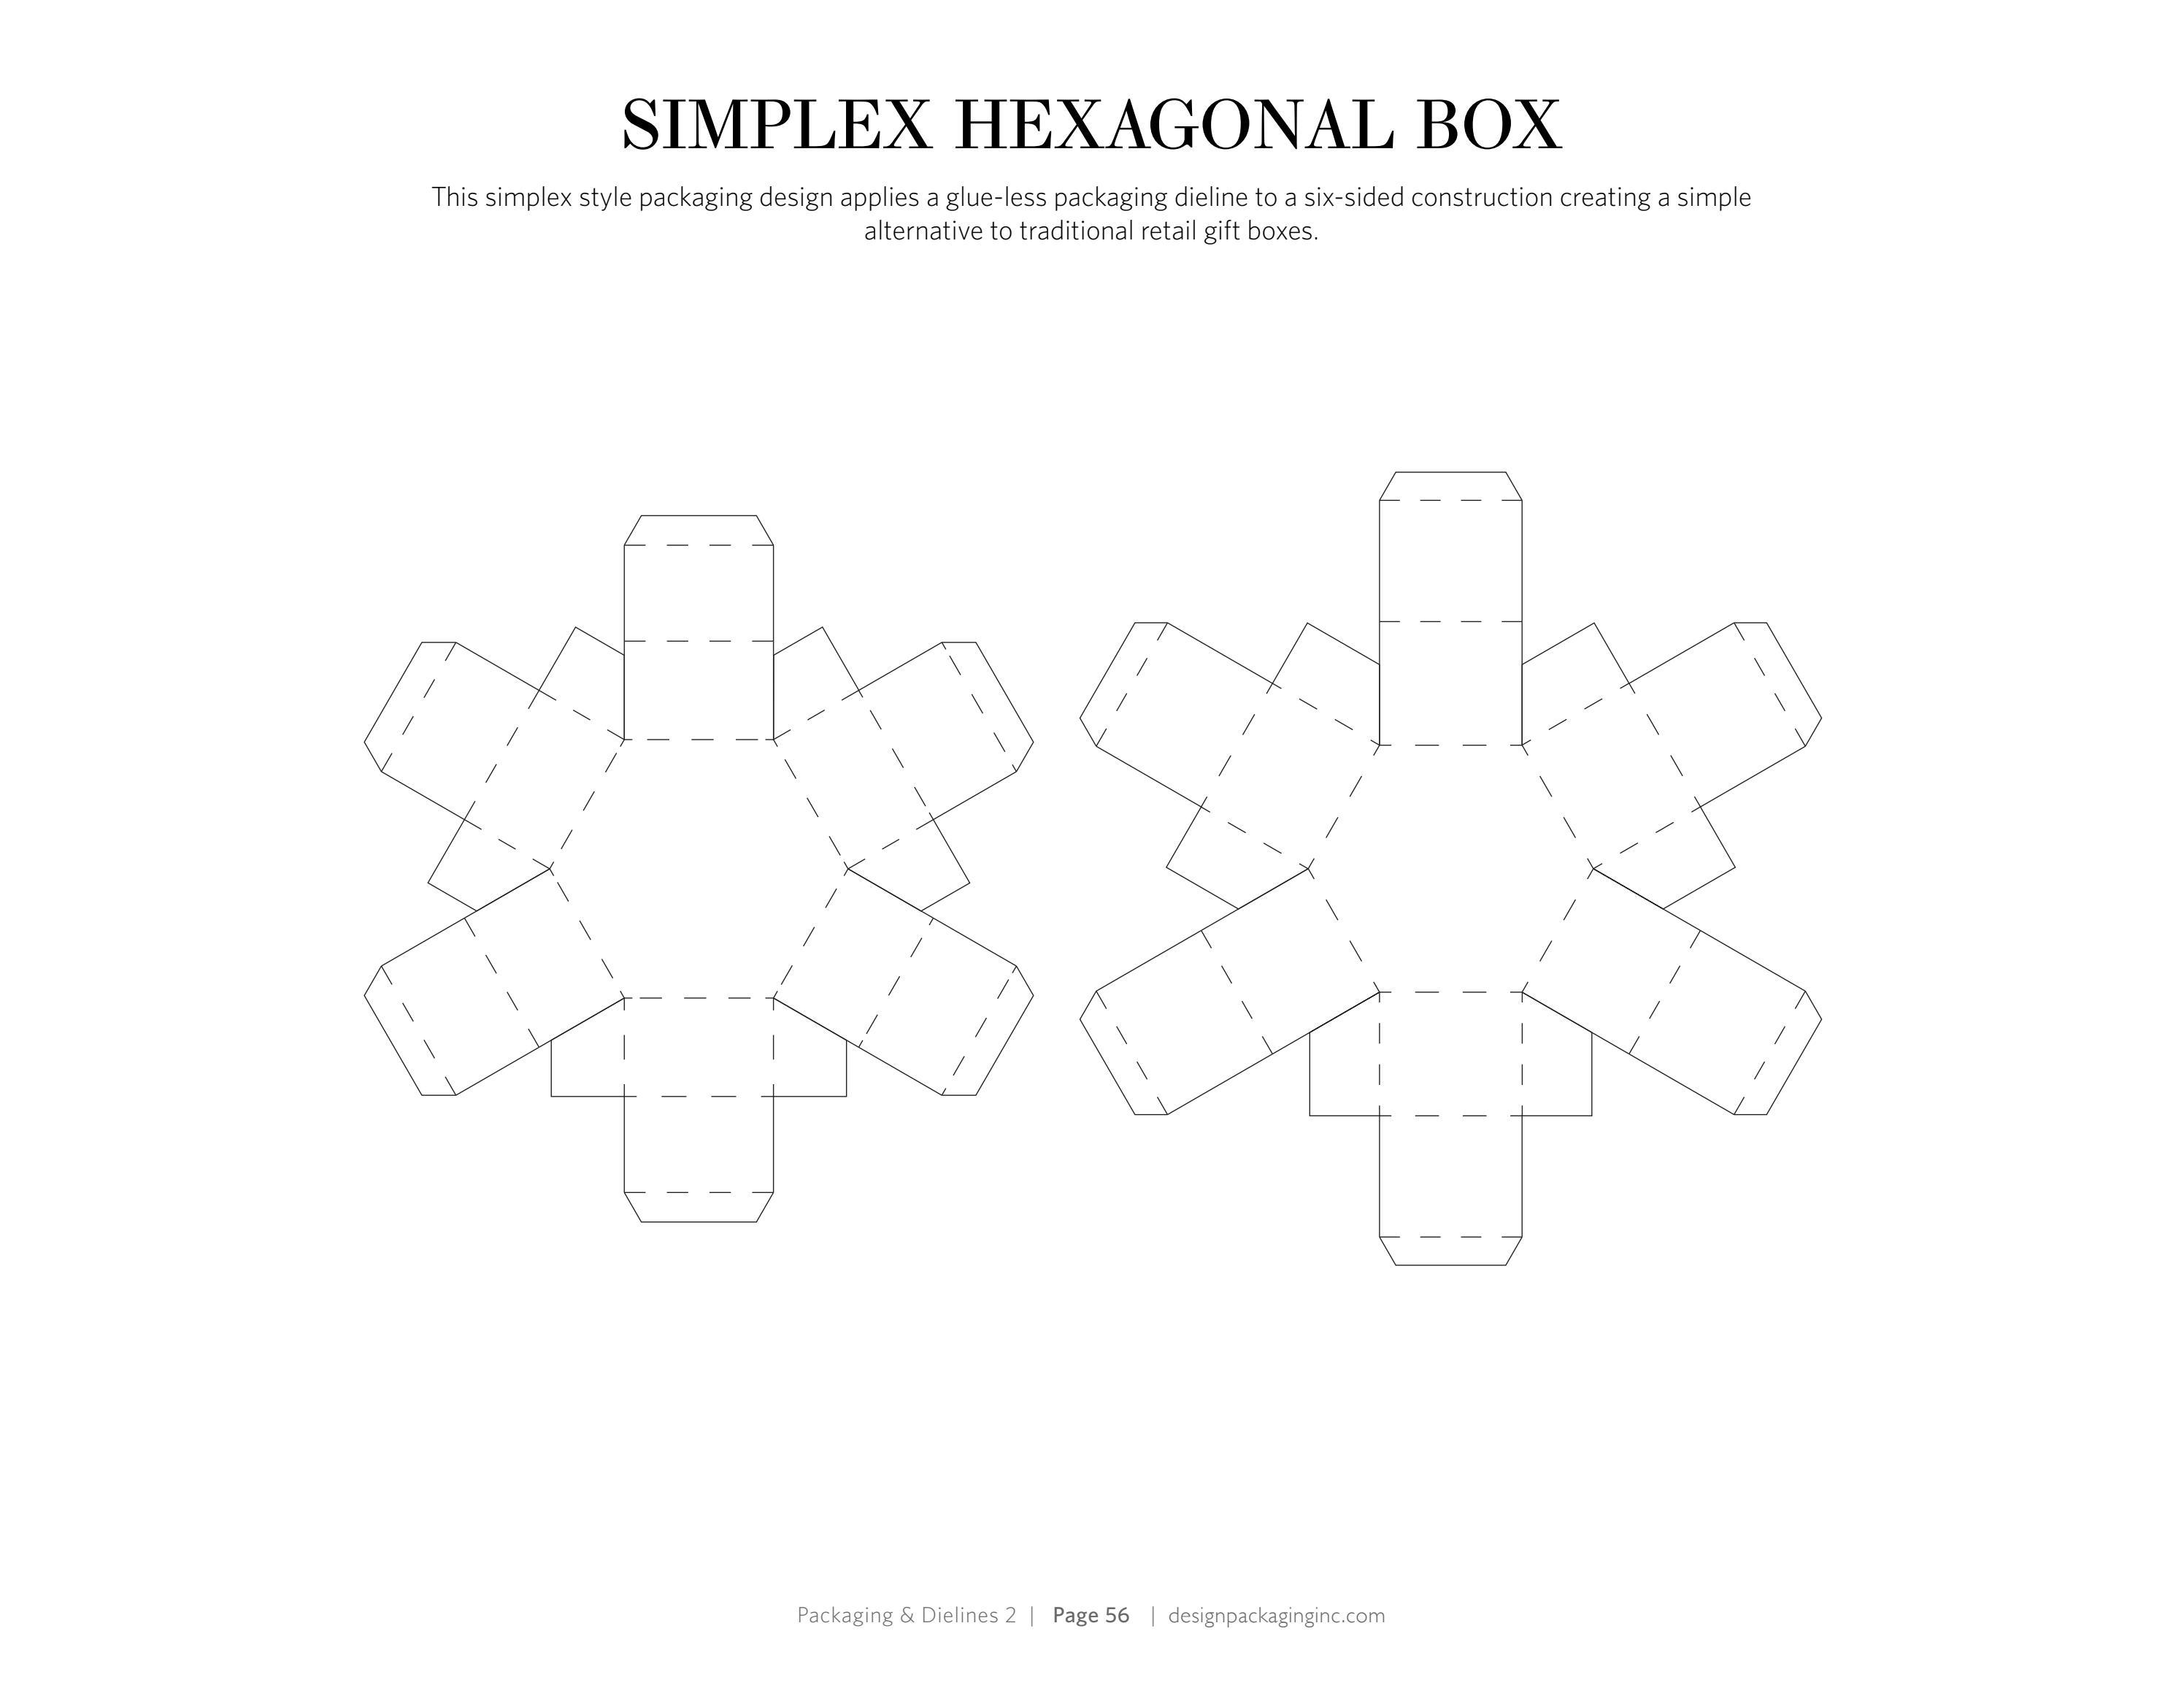 PACKAGING & DIELINES II: The Designer's Book of Packaging